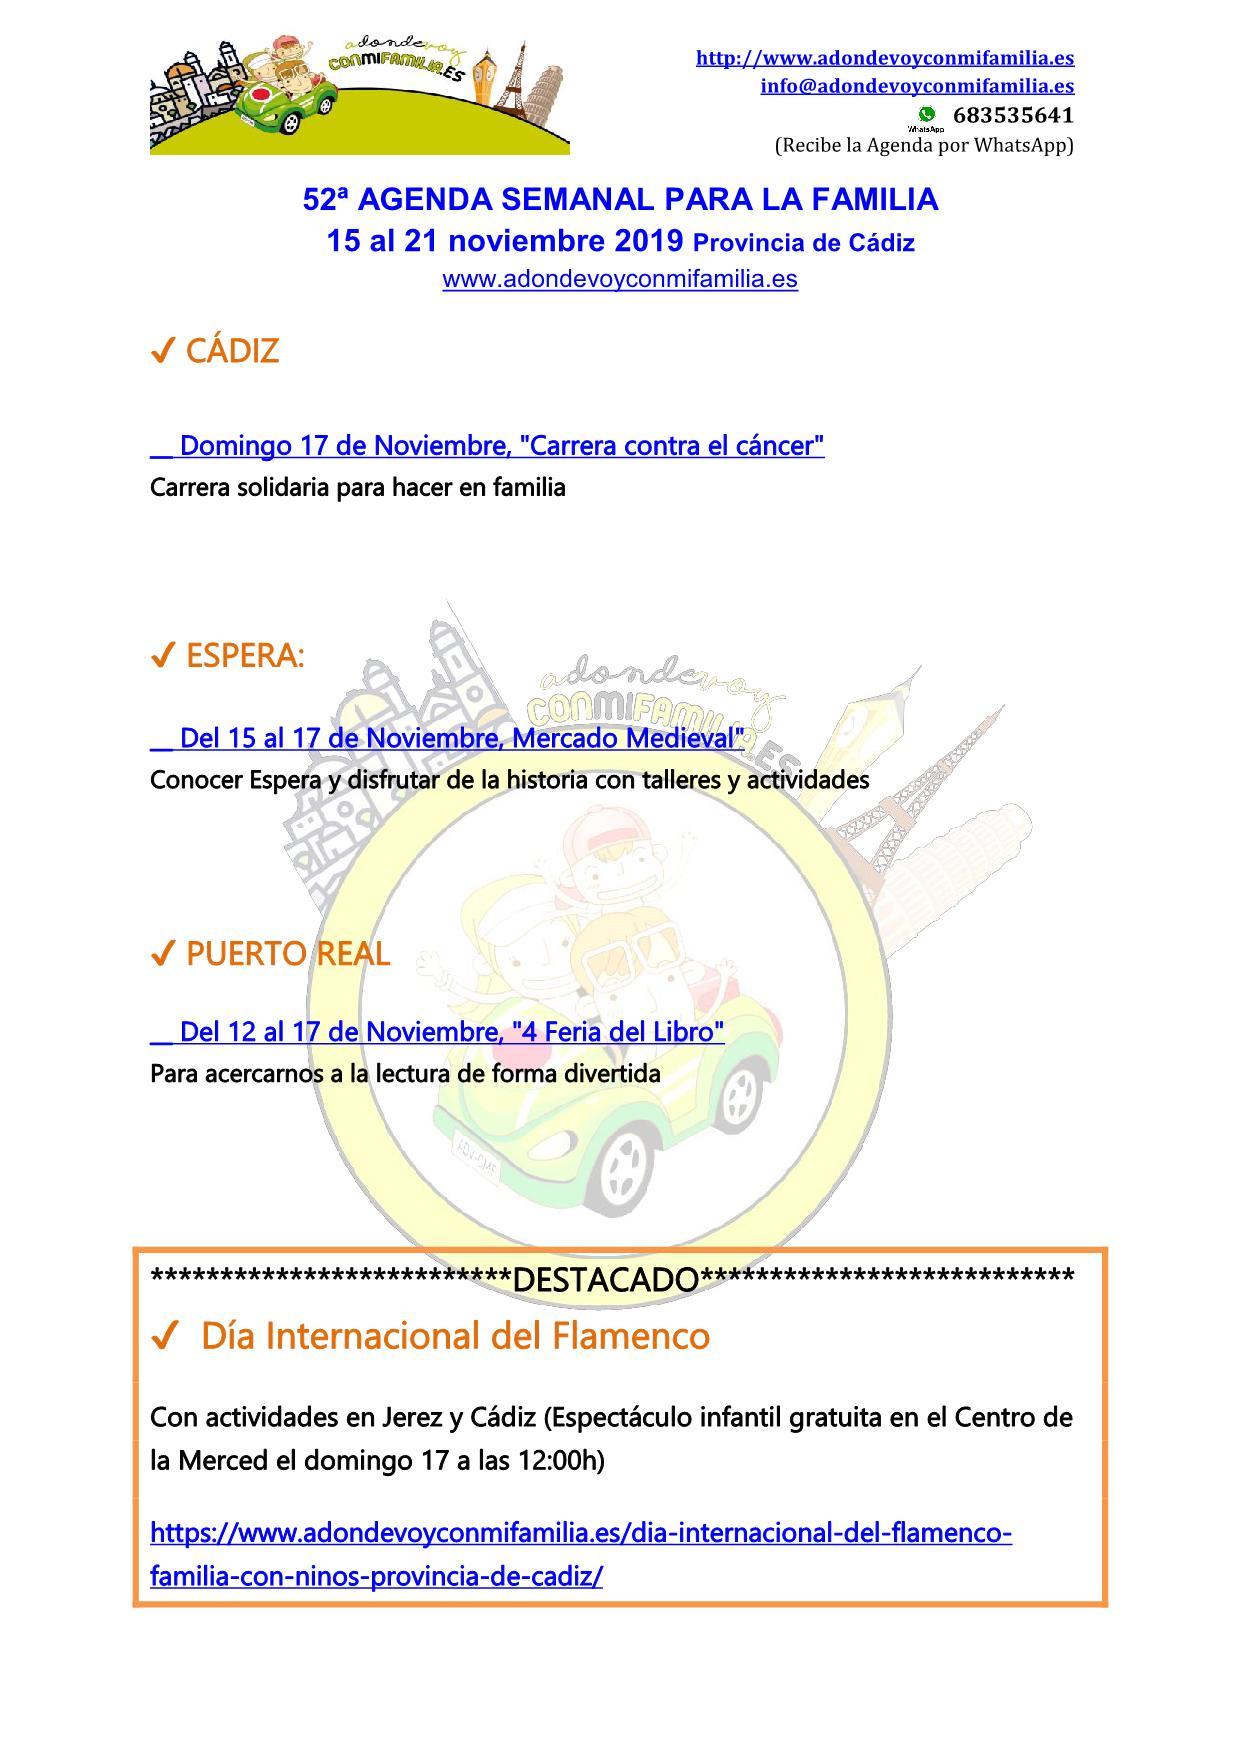 """__ Domingo 17 de Noviembre, """"Carrera contra el cáncer"""" Carrera solidaria para hacer en familia"""